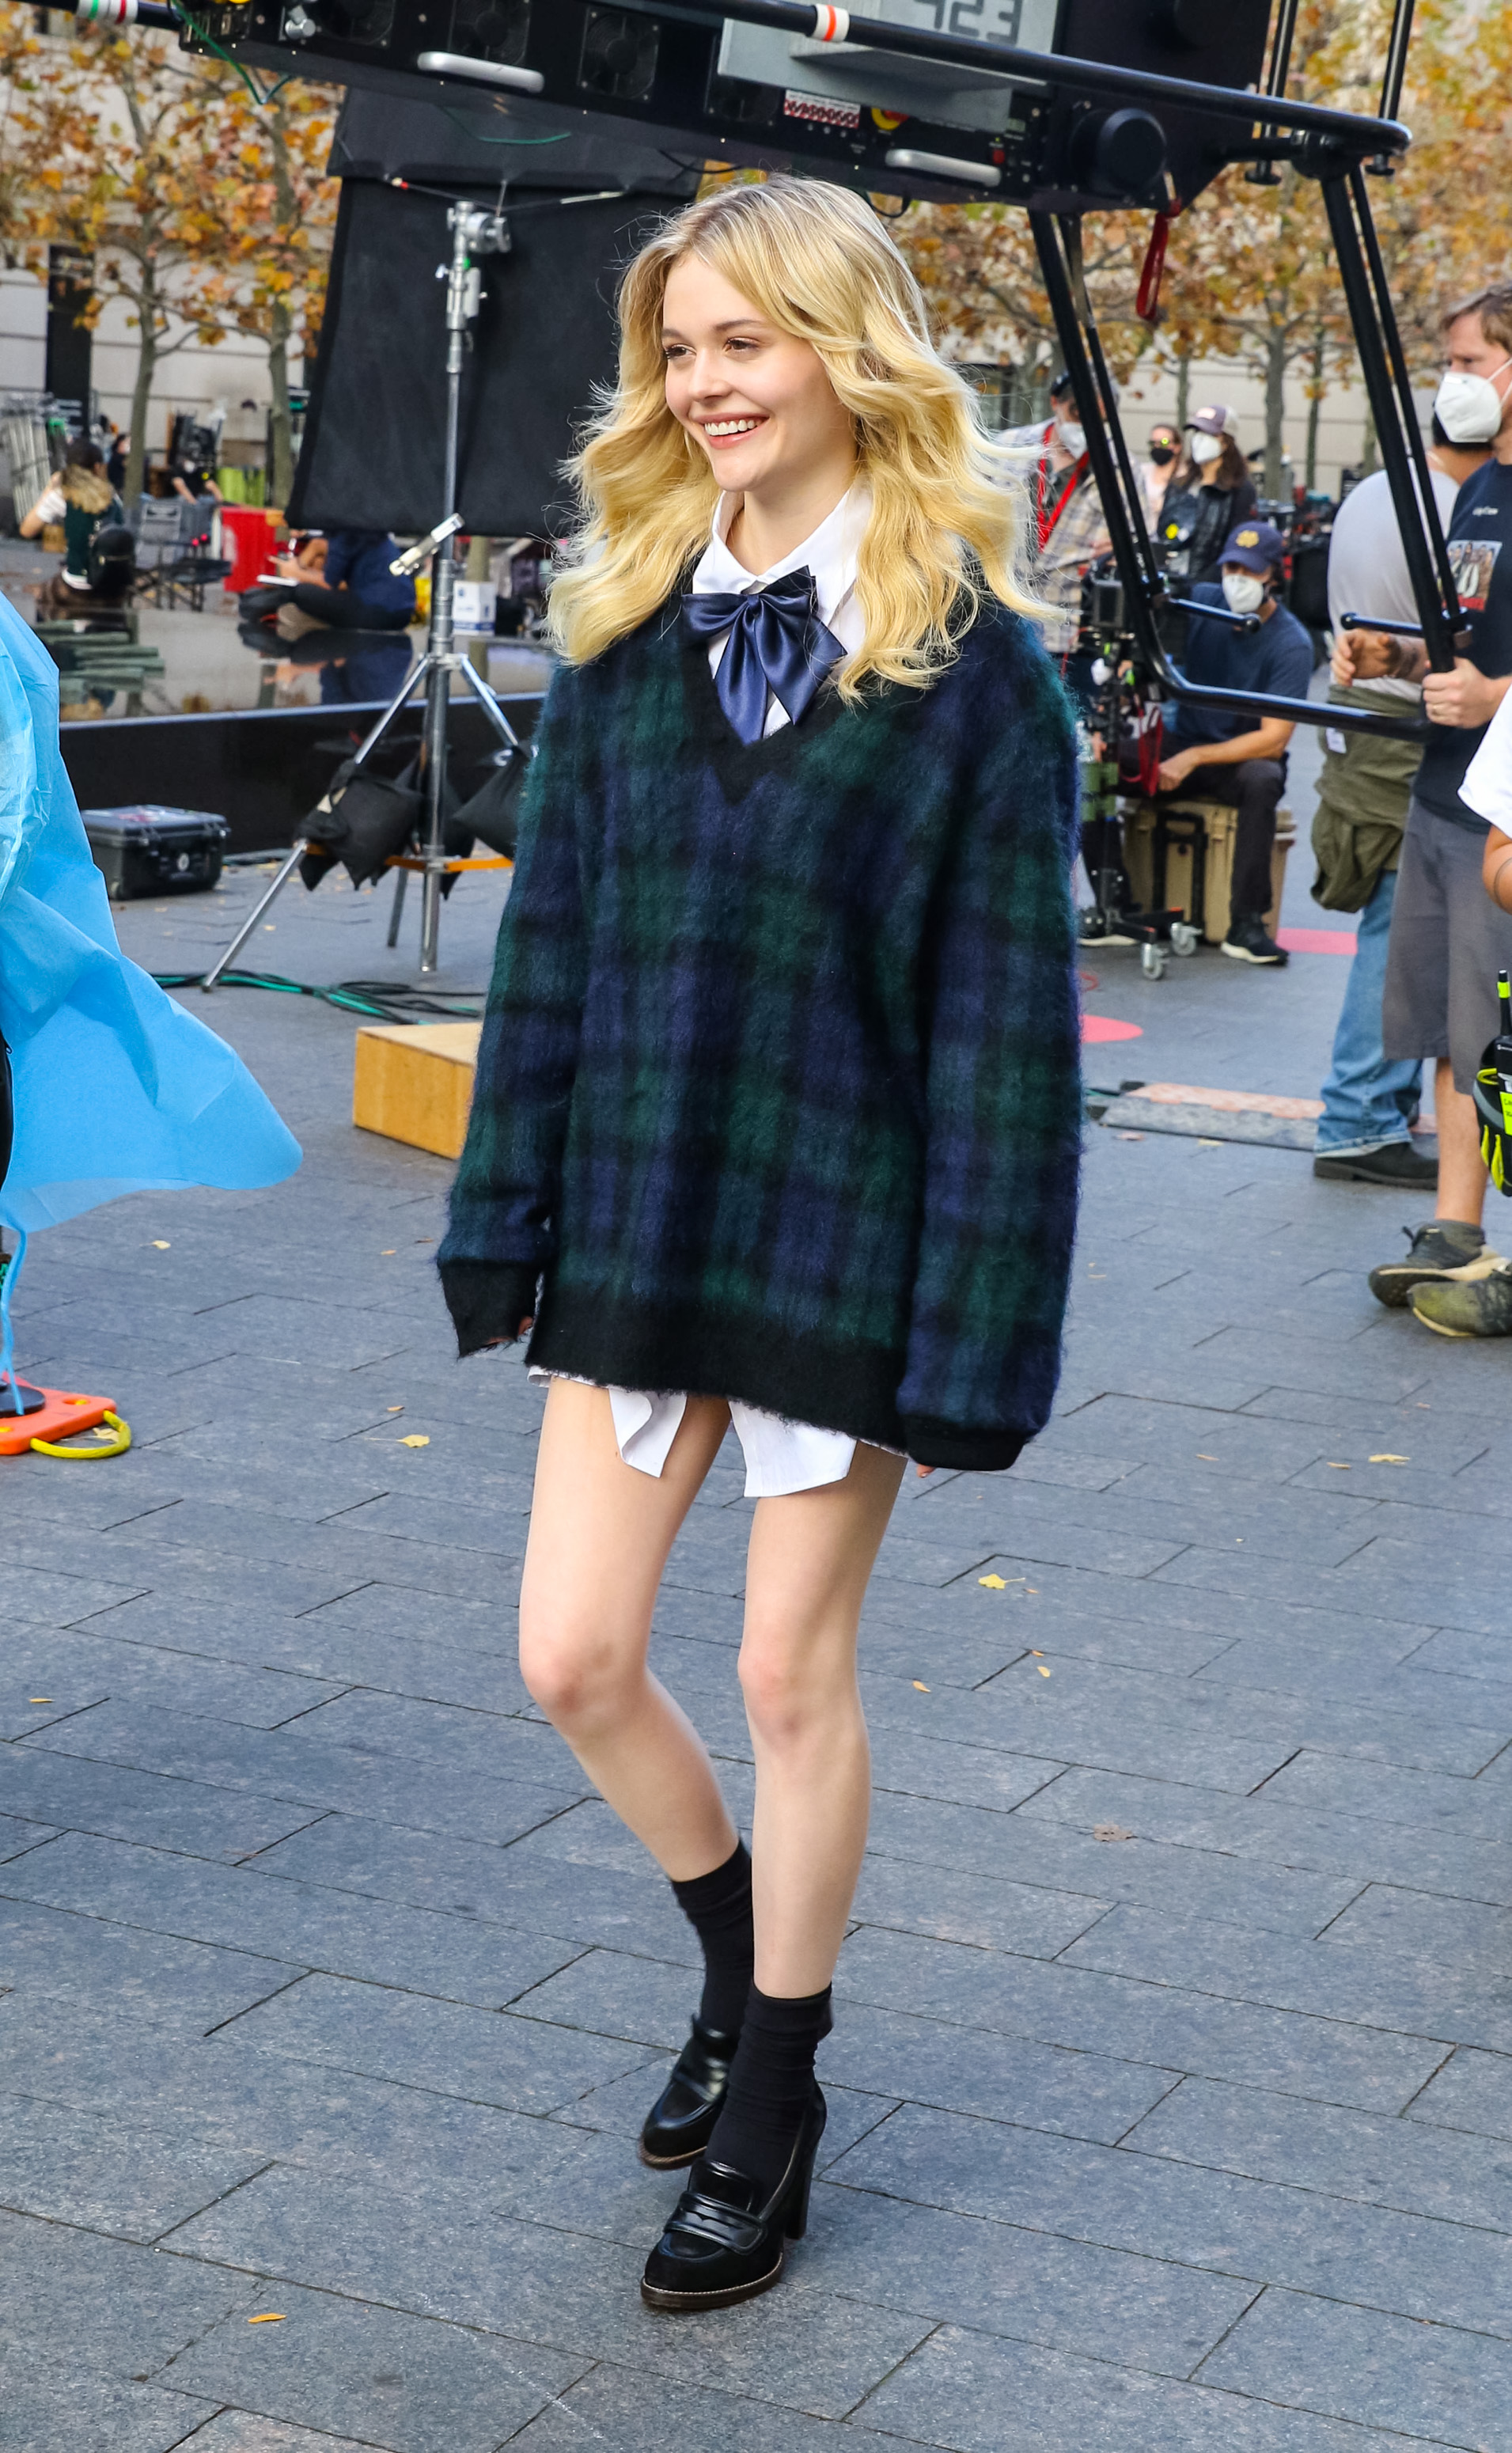 Emily Alyn Lind nas gravações da nova Gossip Girl. Ela está usando um suéter xadrez por cima de uma camisa branca, um oxford preto de salto com meia preta. Ela está sorrindo enquanto anda e não olha para a câmera.